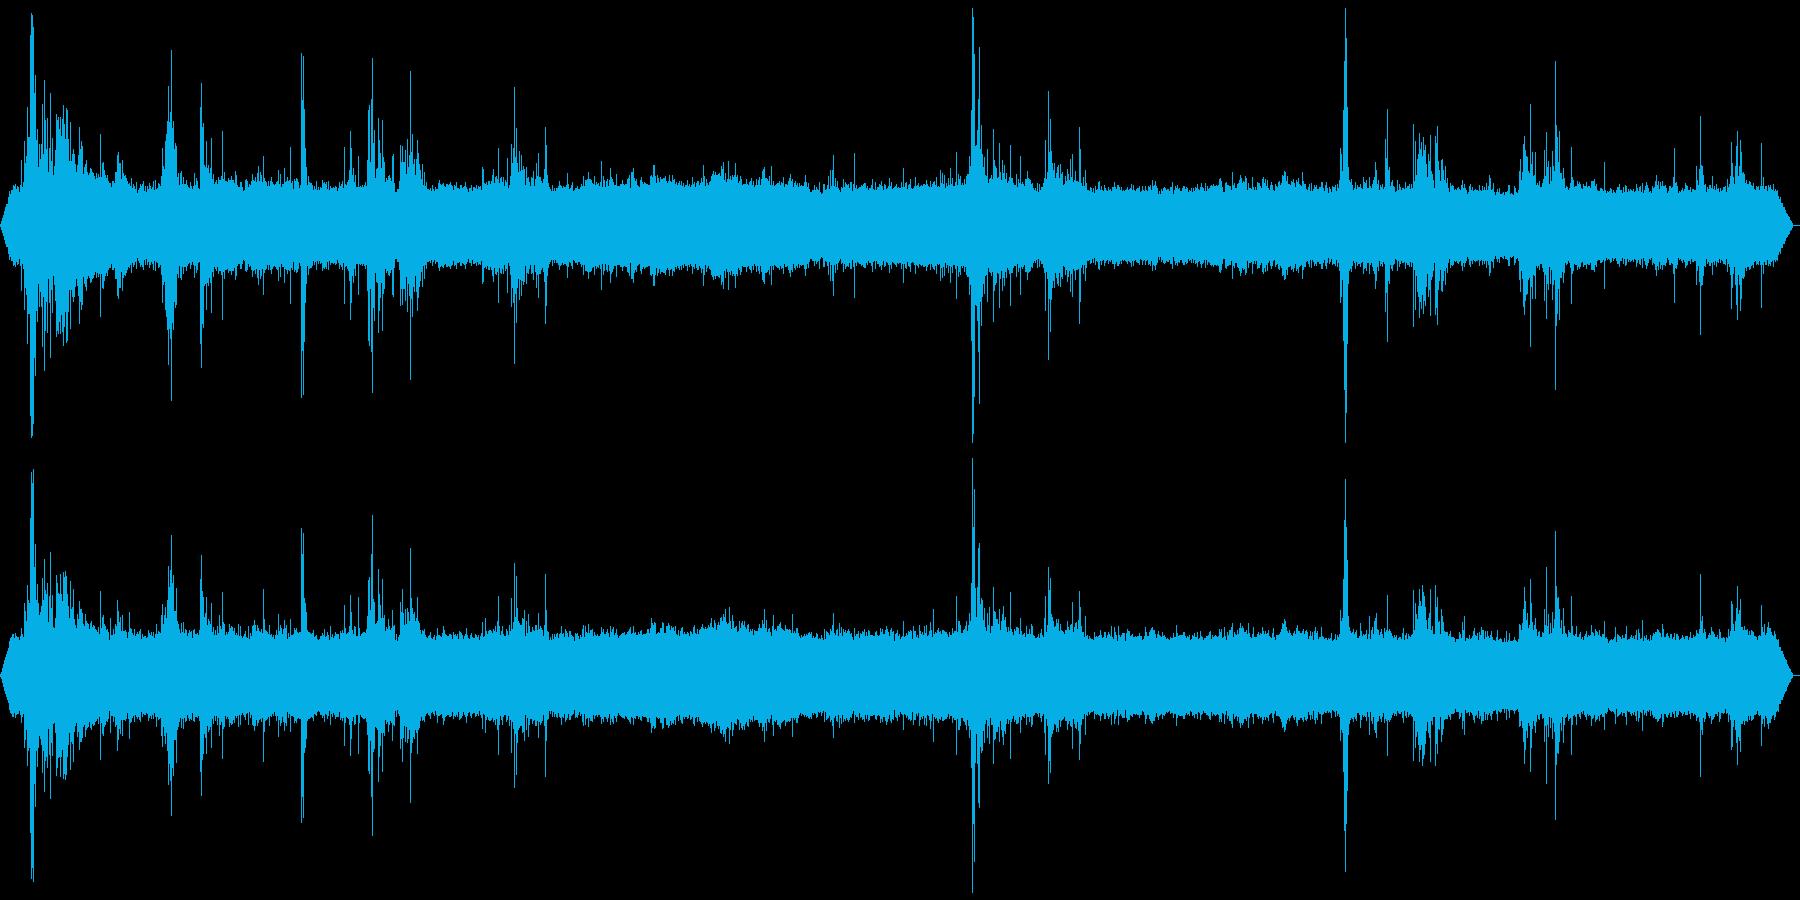 ザー ゴロゴロ スコールと雷 北海道雷雨の再生済みの波形